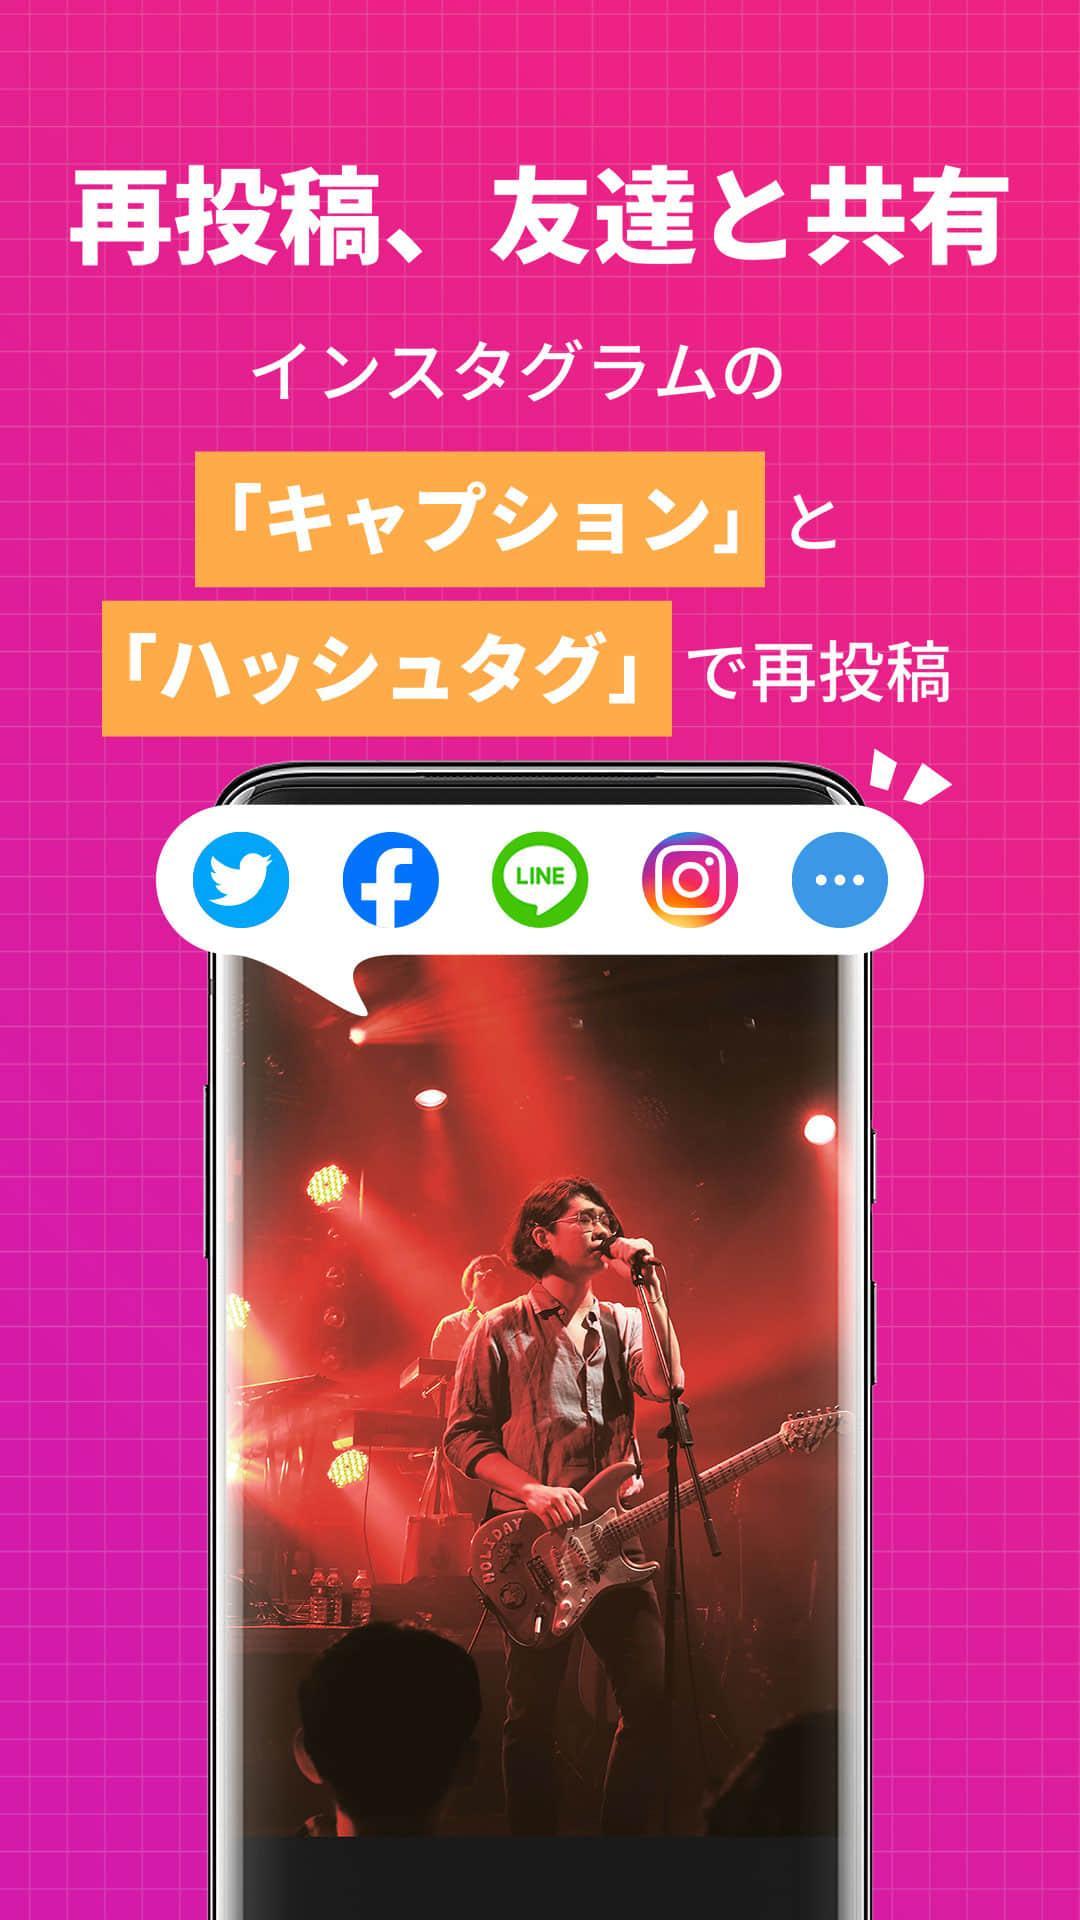 保存 アプリ 動画 インスタ